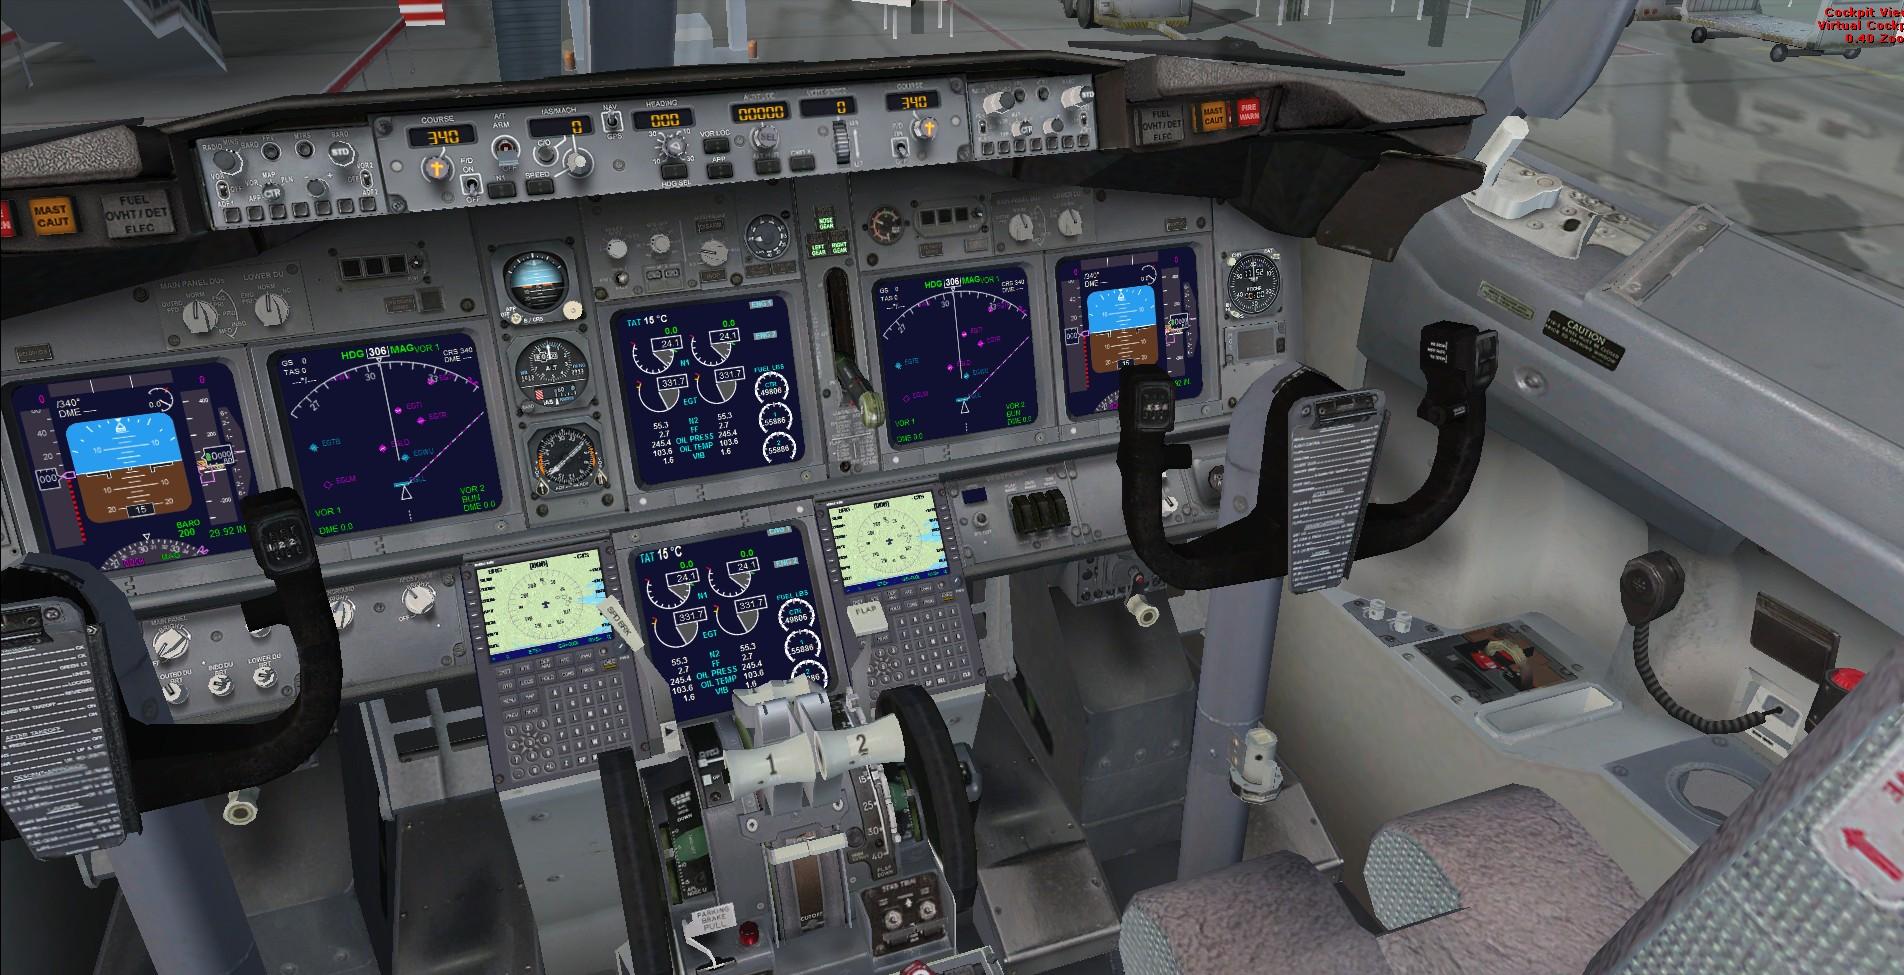 767 cockpit poster